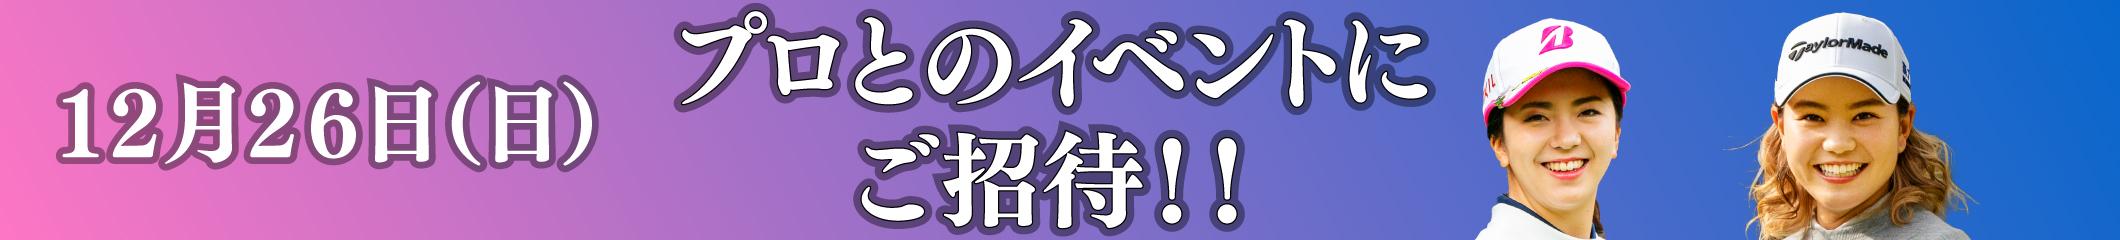 12月26日(日) プロとのイベントにご招待